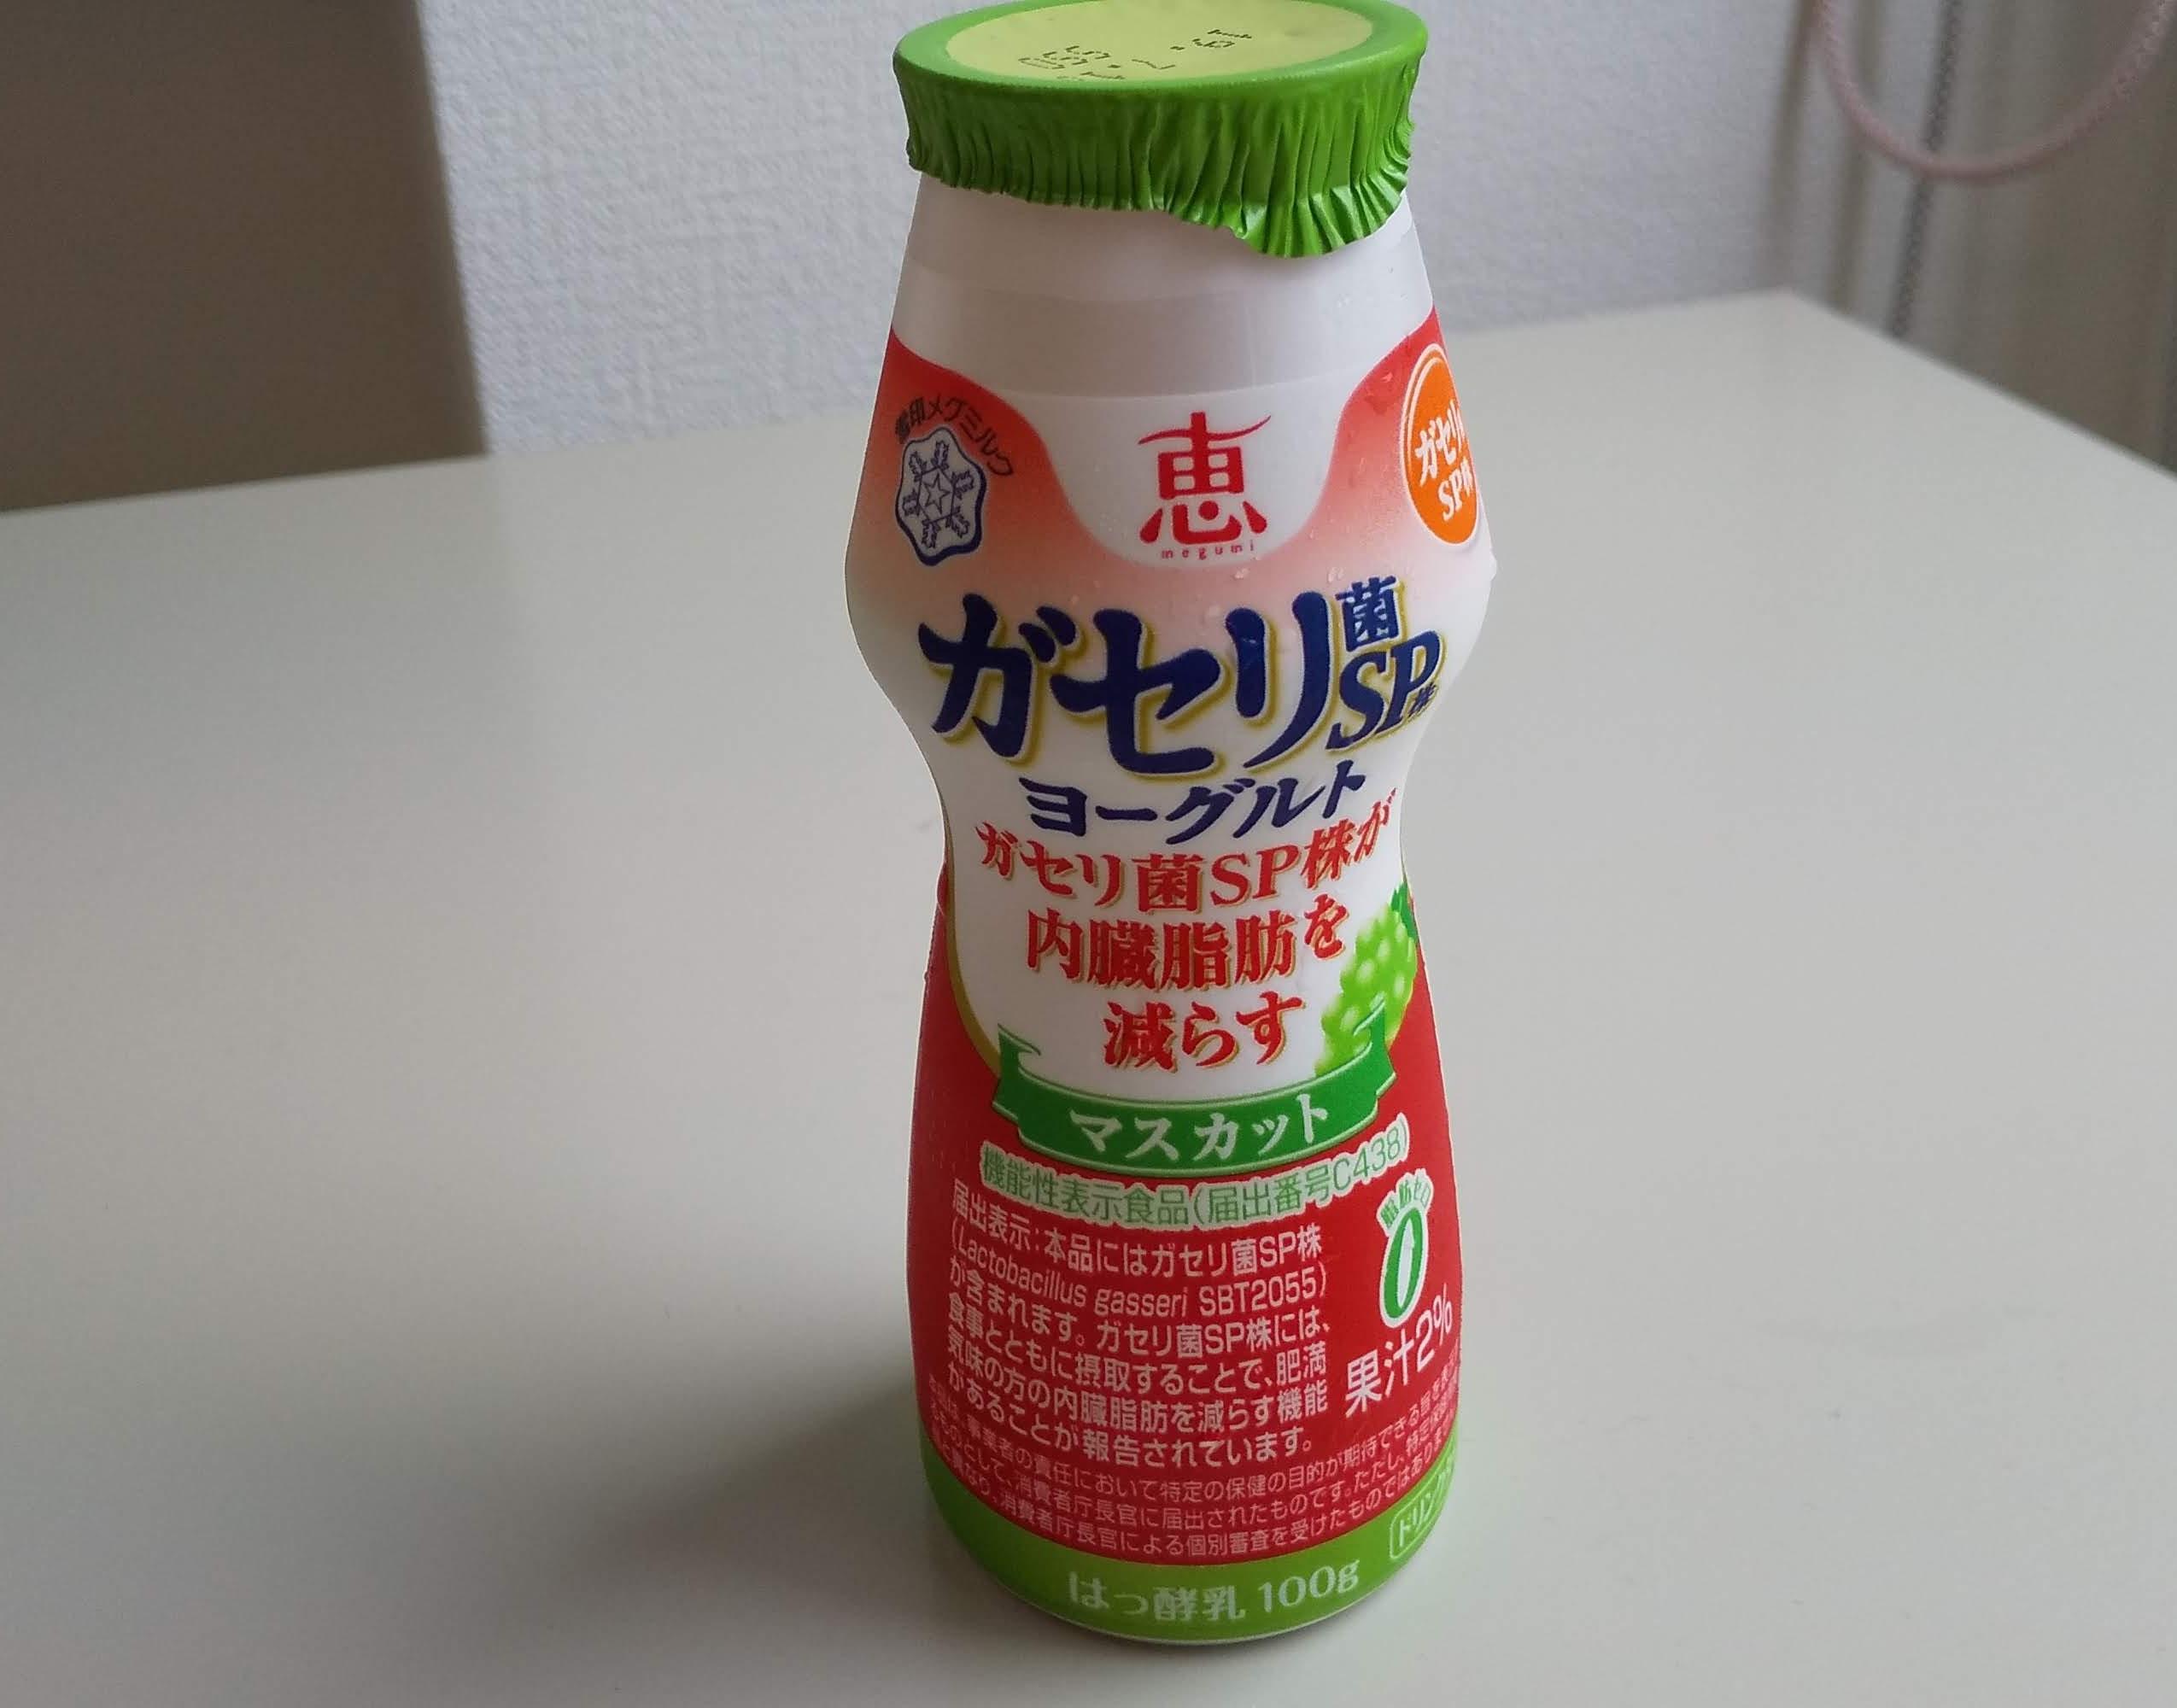 雪印メグミルク【恵ガセリ菌SPヨーグルトドリンクタイプマスカット】